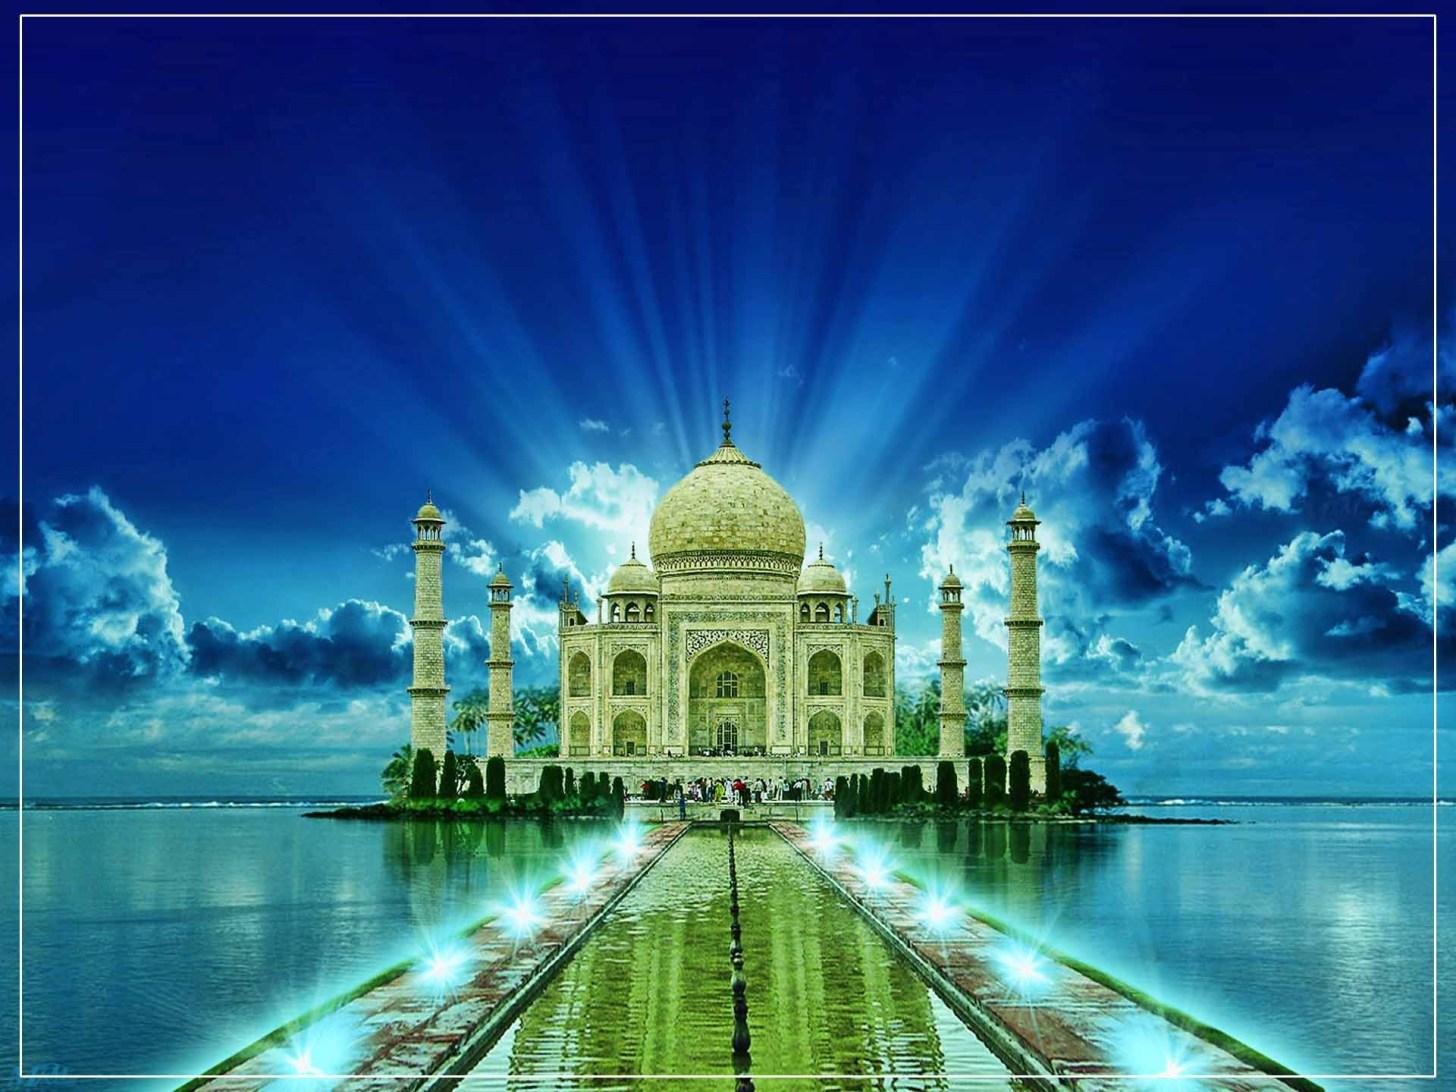 Taj Mahal - Hình mẫu tuyệt vời nhất của kiến trúc Mughal - 01